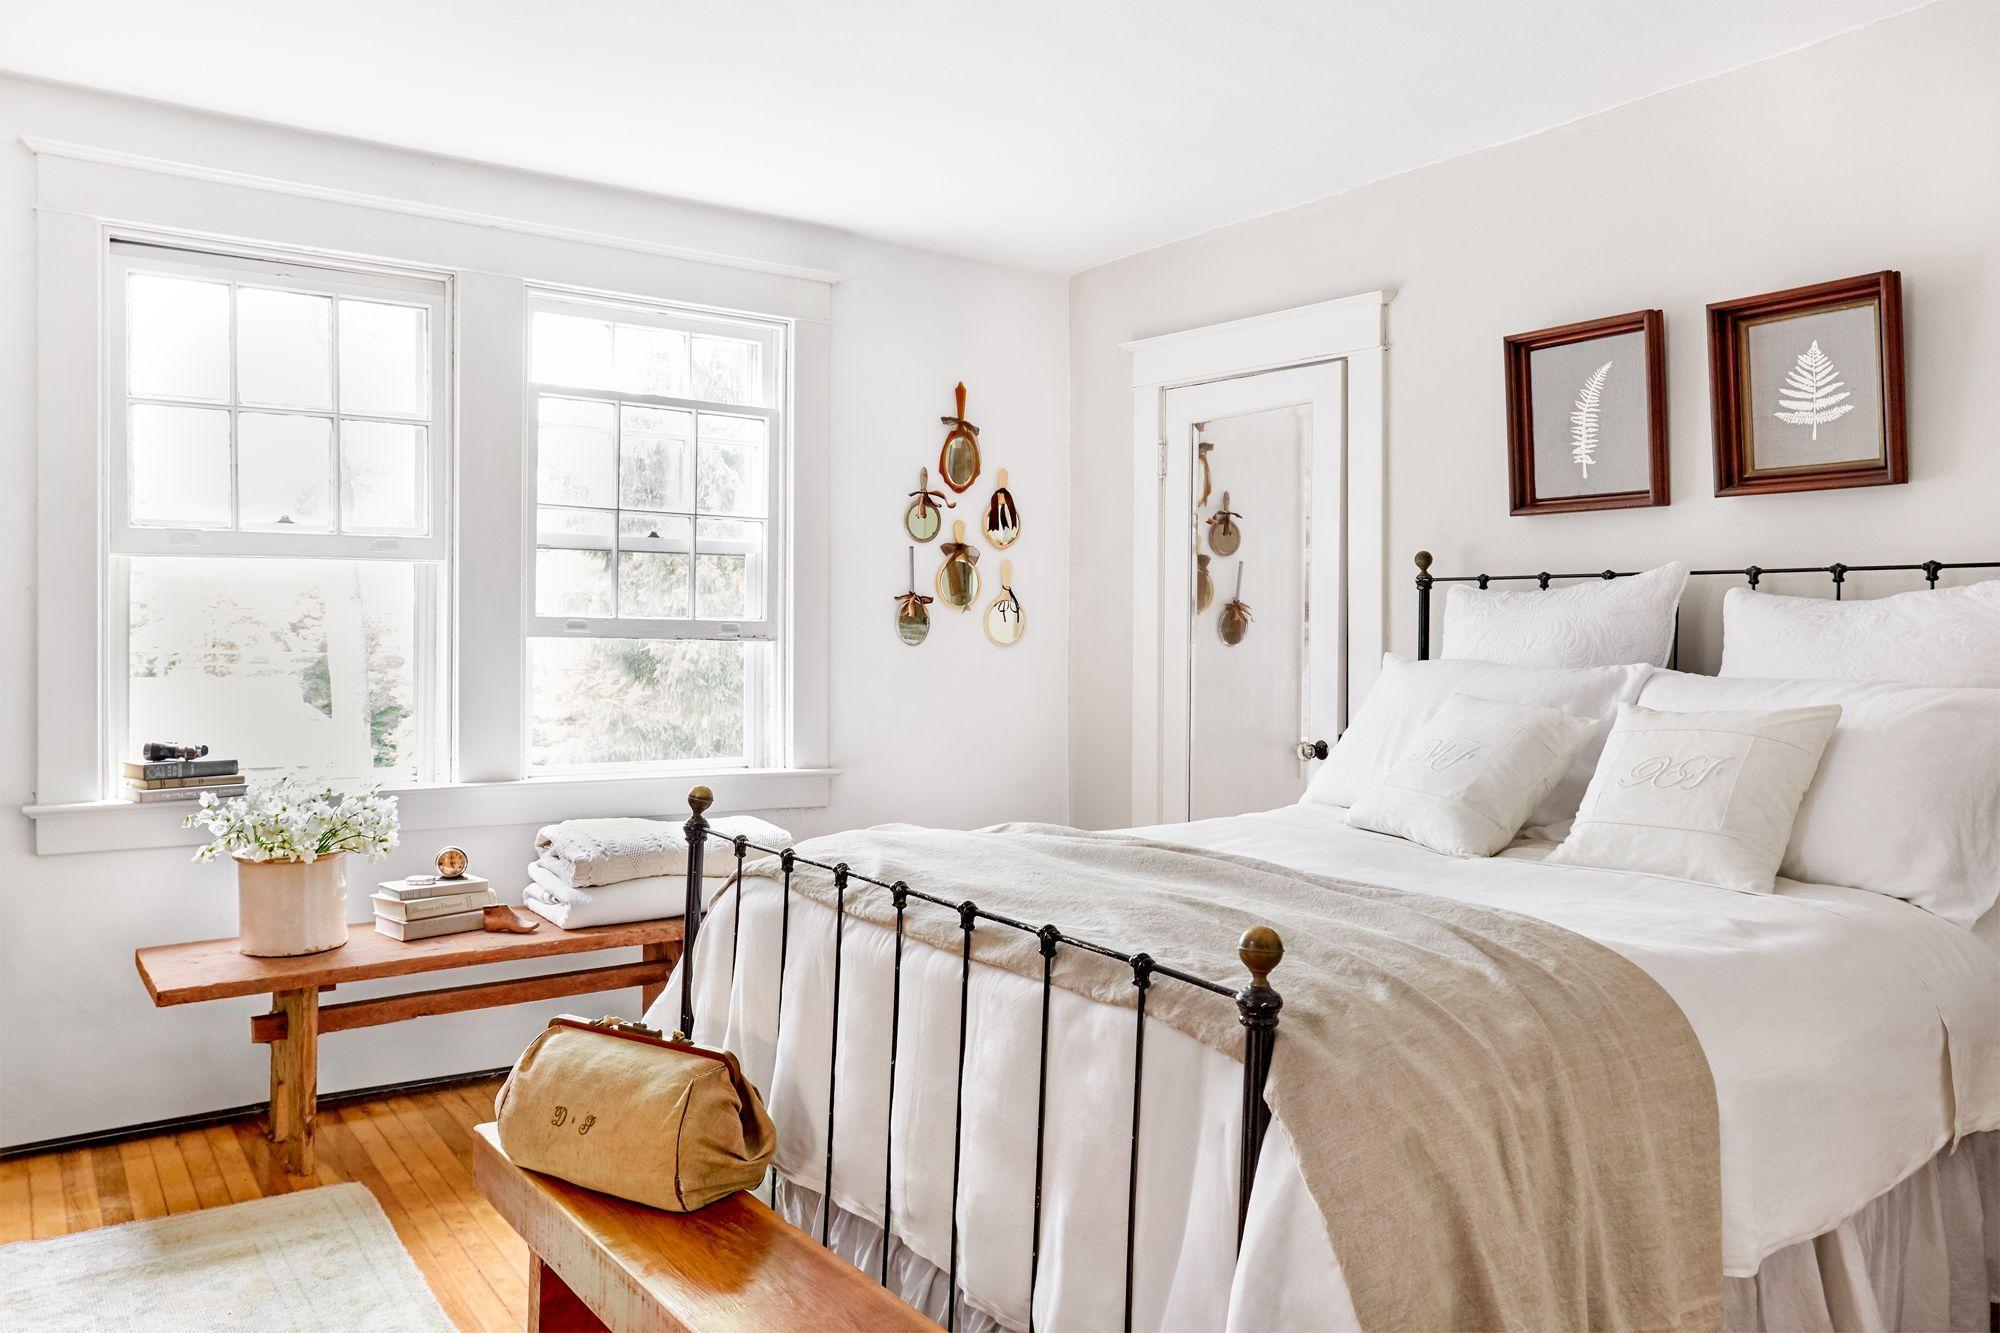 Ilustrasi kamar yang indah dan nyaman dengan konsep estetik. (Pixabay.com)